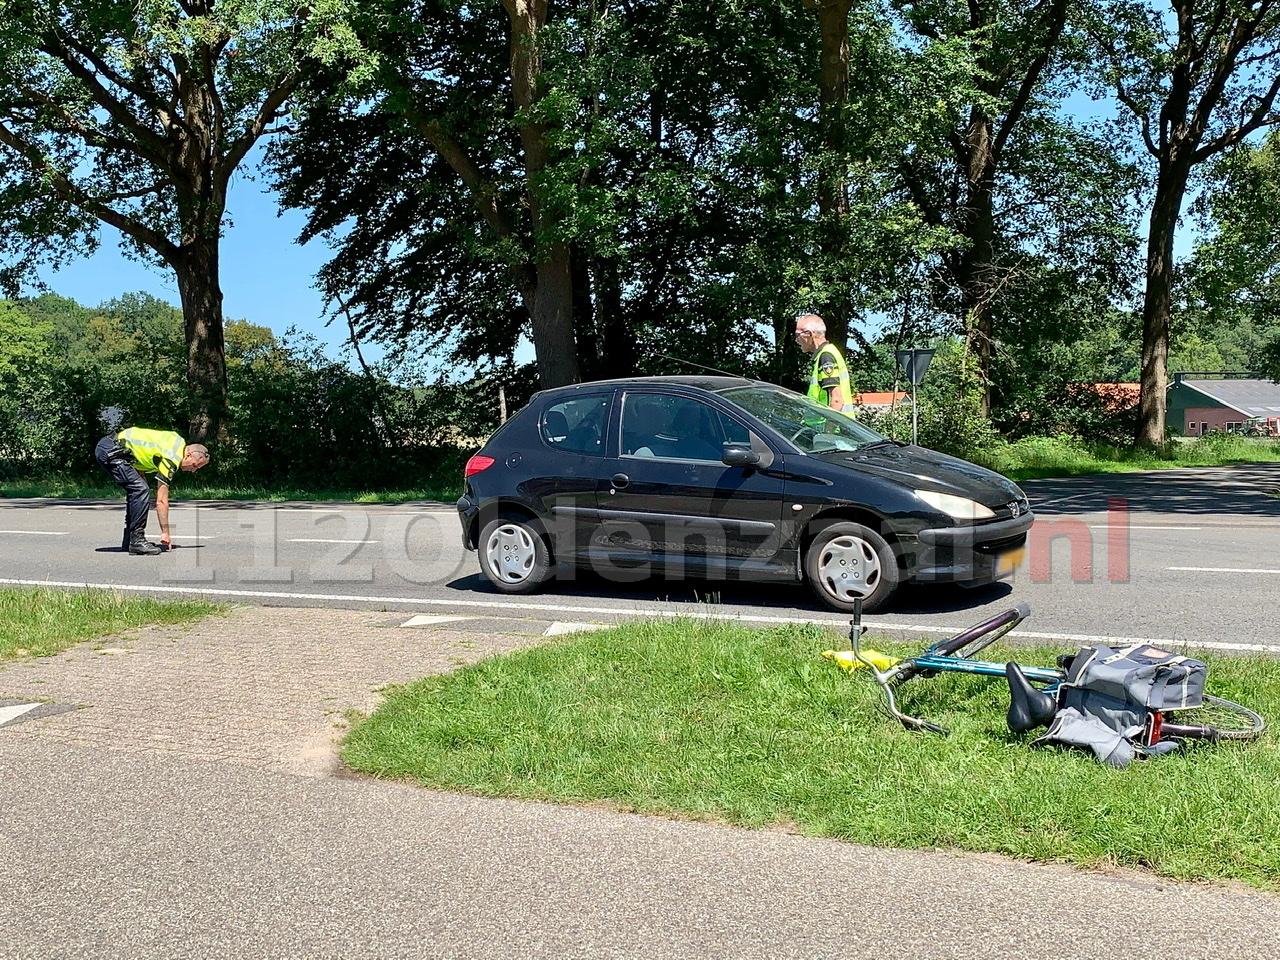 UPDATE: Politie doet uitgebreid onderzoek na ongeval met fietser tussen Oldenzaal en Losser